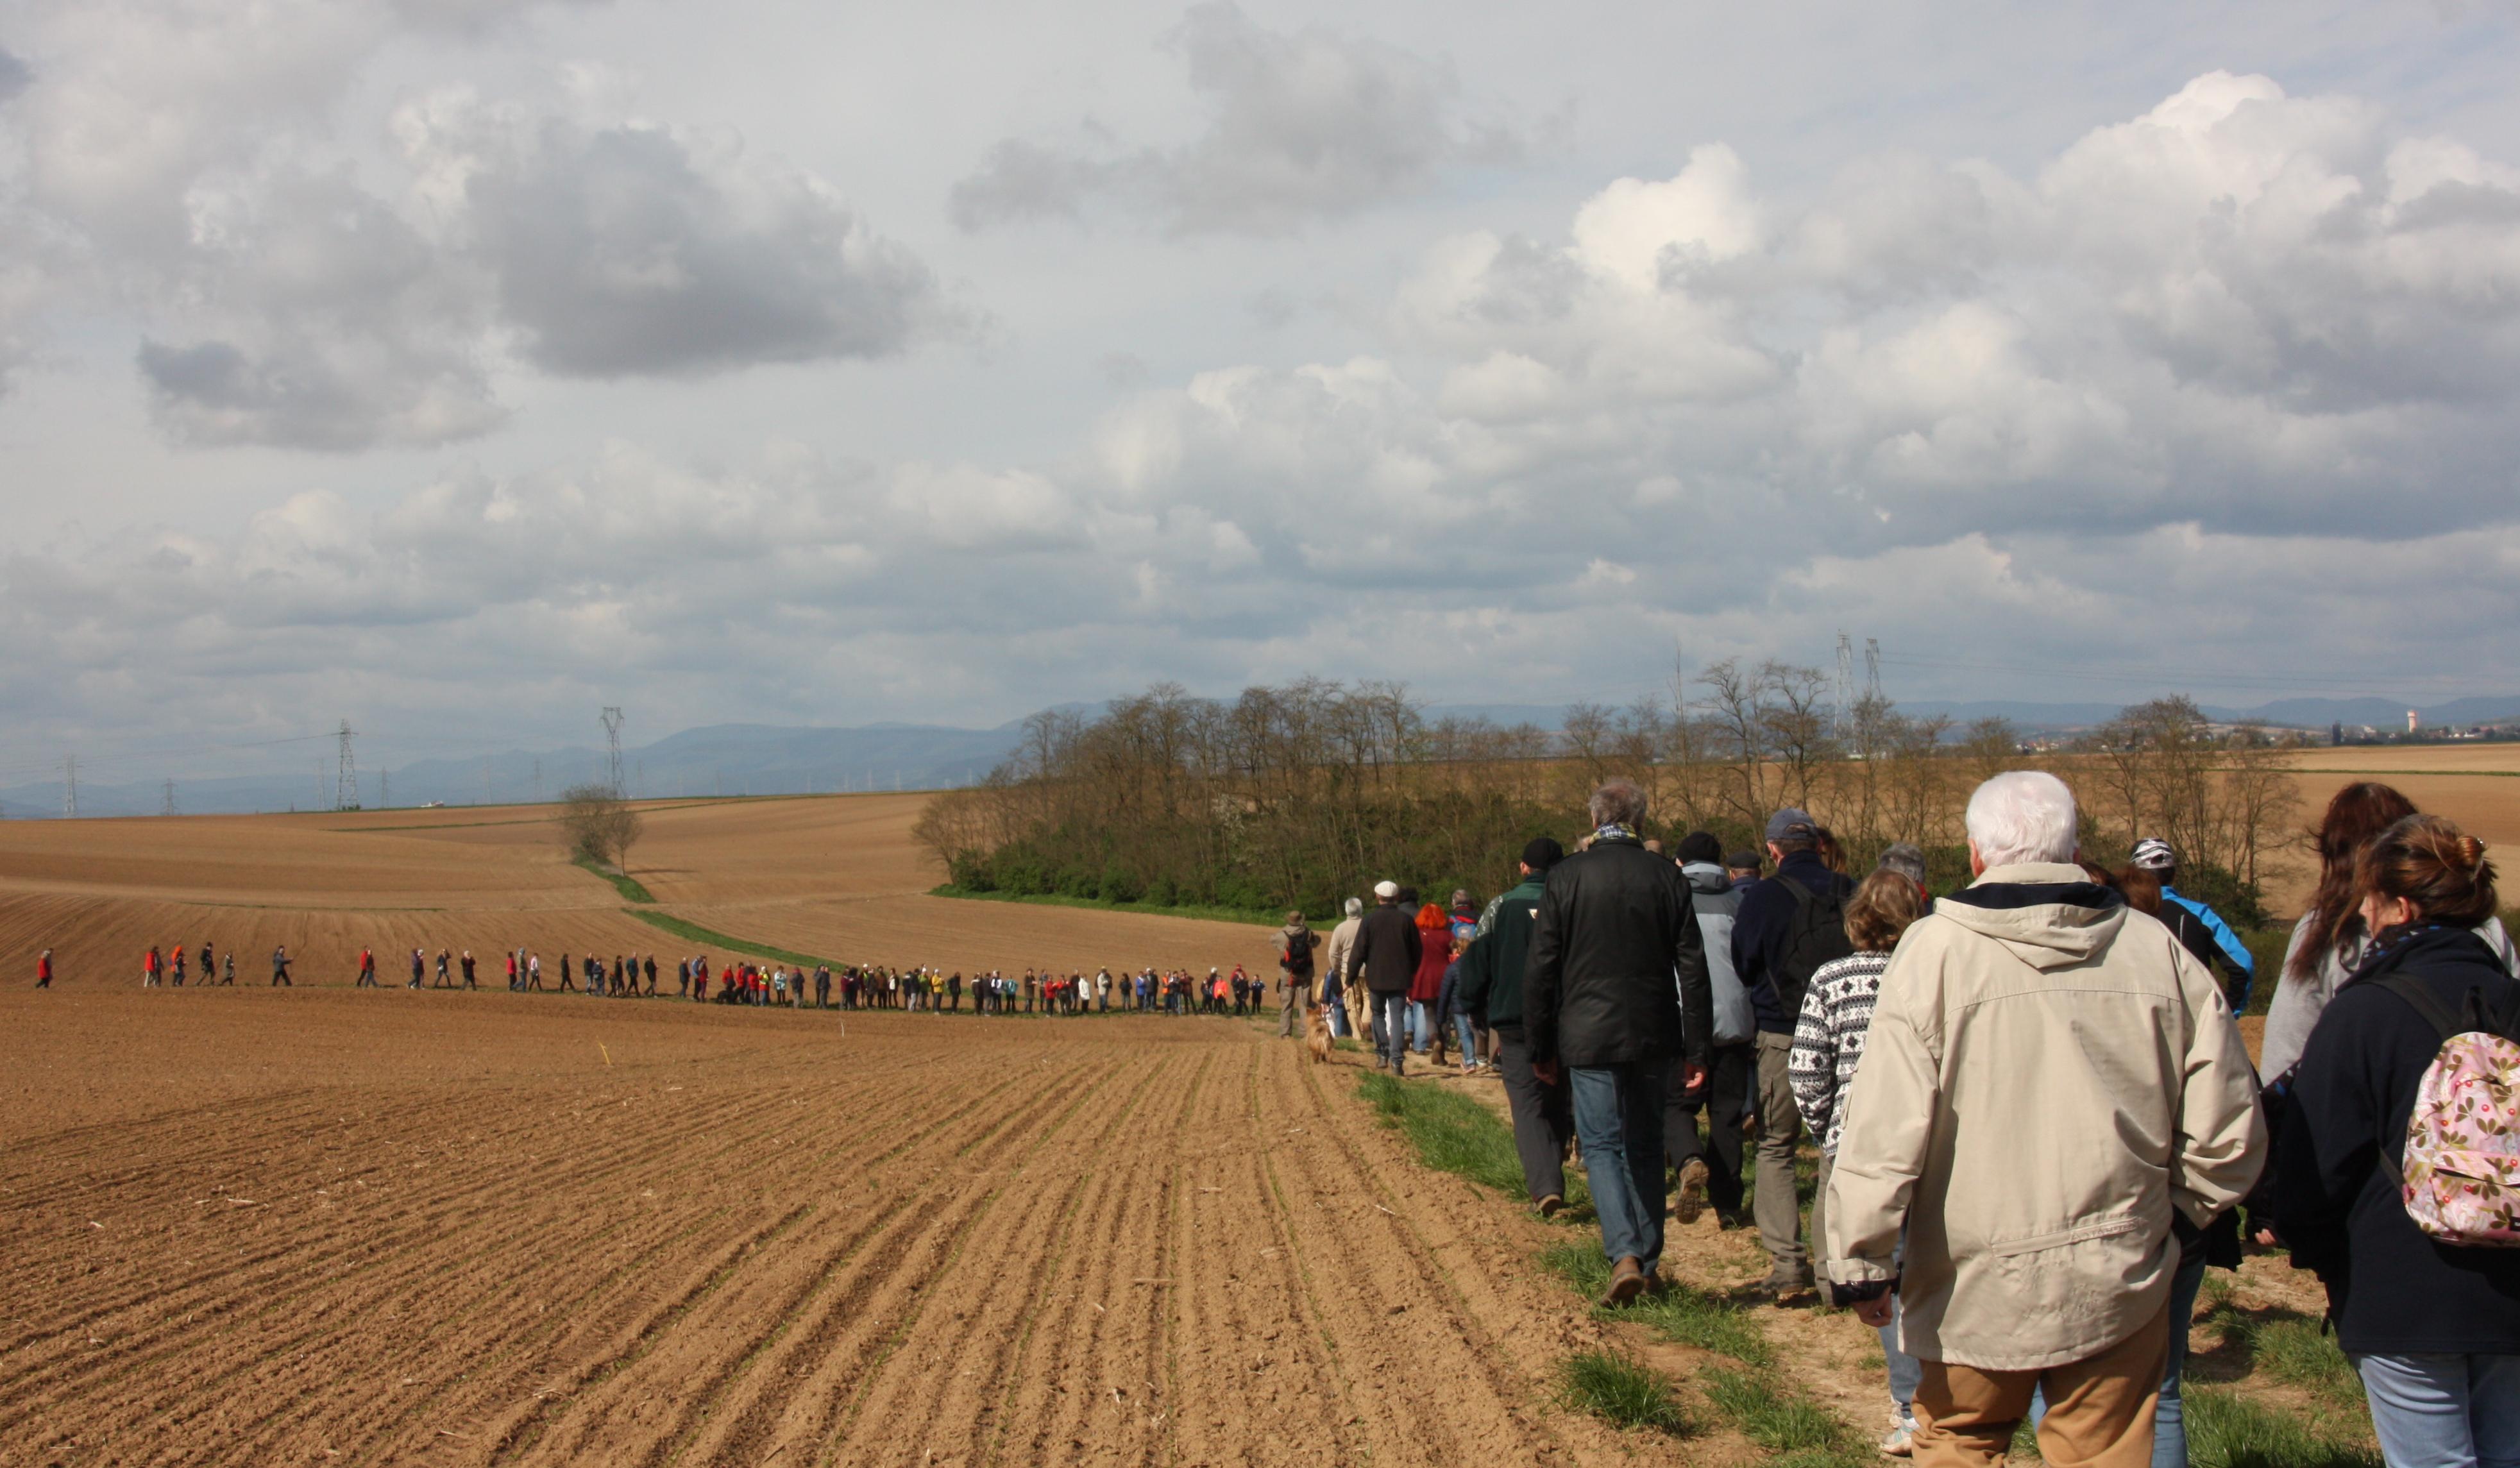 Le moment où les marcheurs de Vendenheim rencontrent ceux de Pfettisheim.